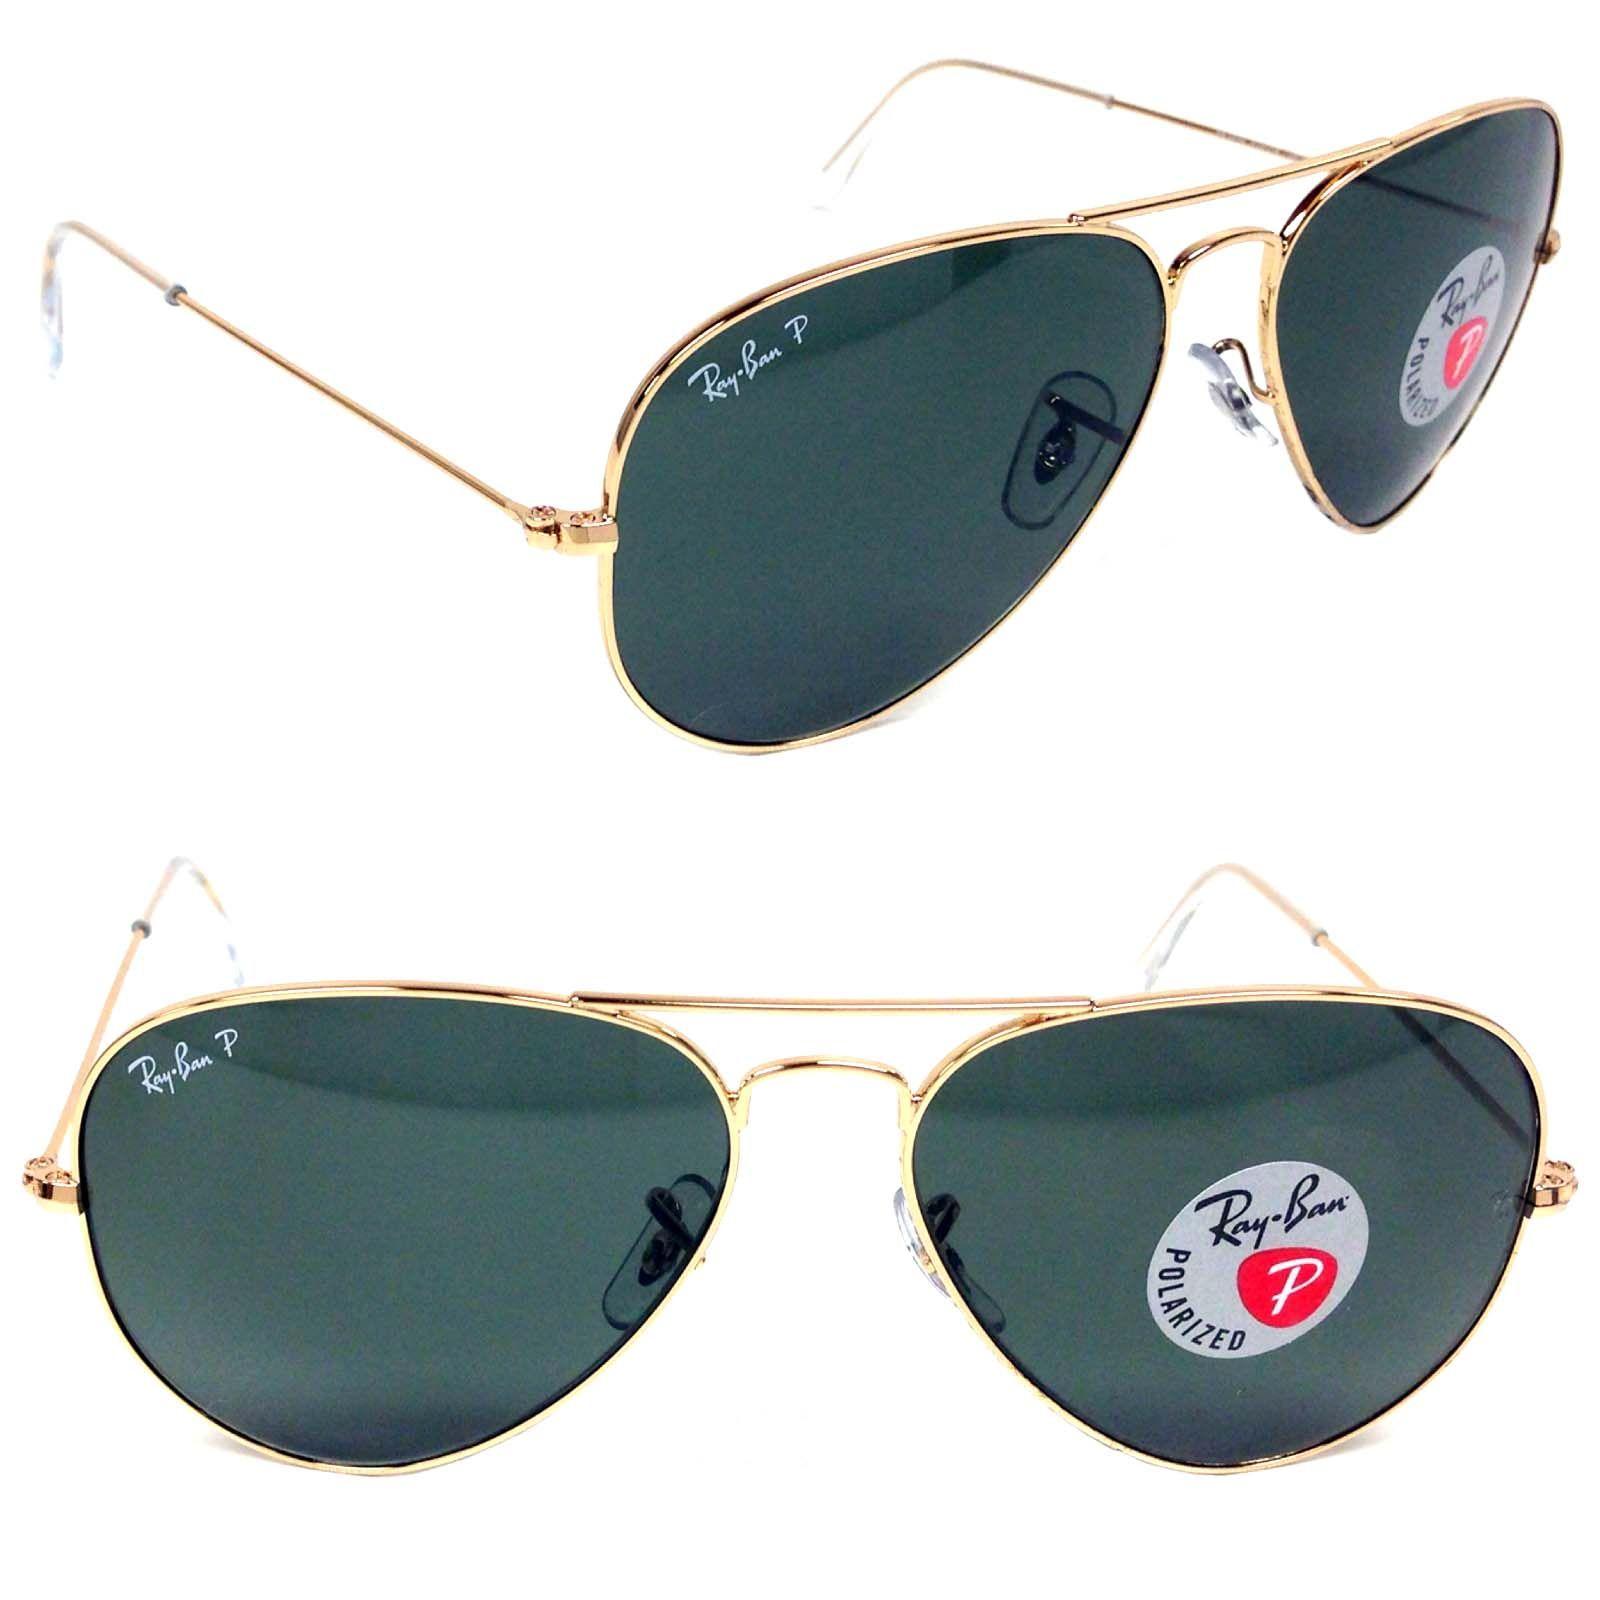 precio de lentes ray ban p aviator